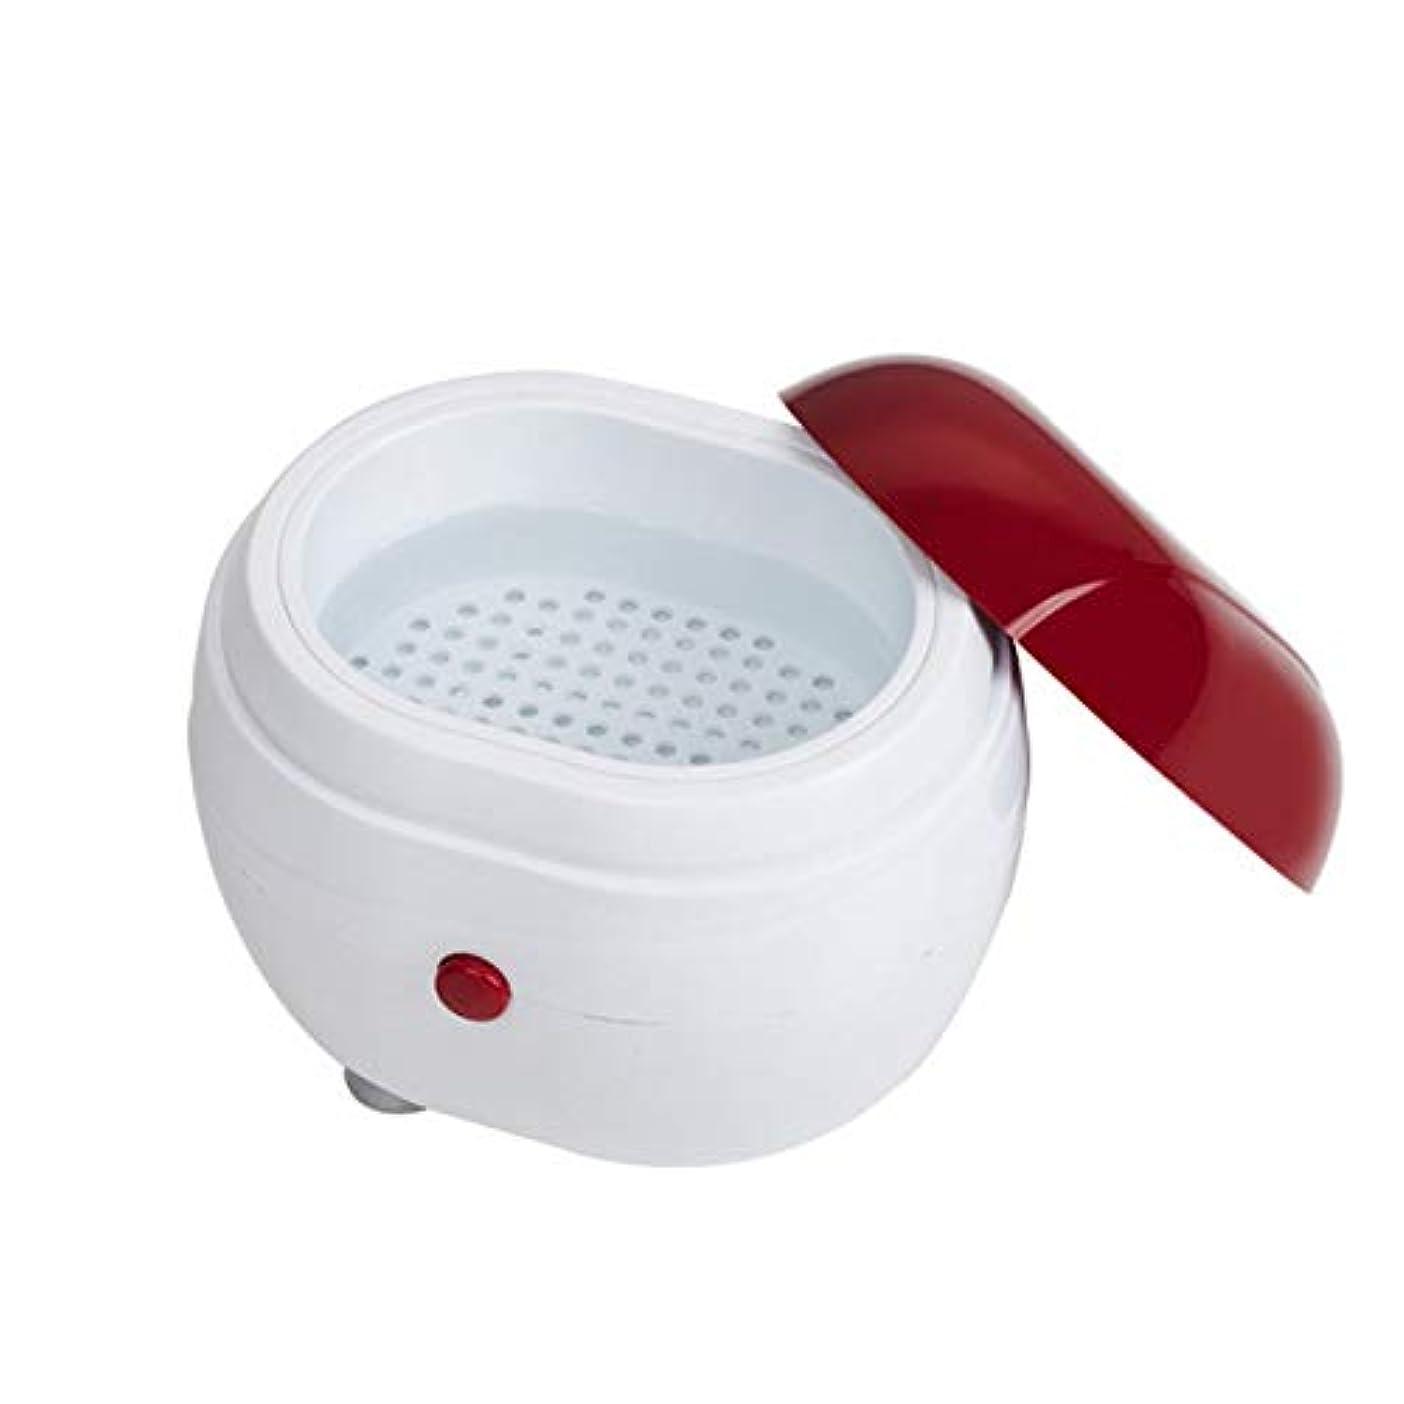 開いた飼いならすフィクションポータブル超音波洗濯機家庭用ジュエリーレンズ時計入れ歯クリーニング機洗濯機クリーナークリーニングボックス - 赤&白